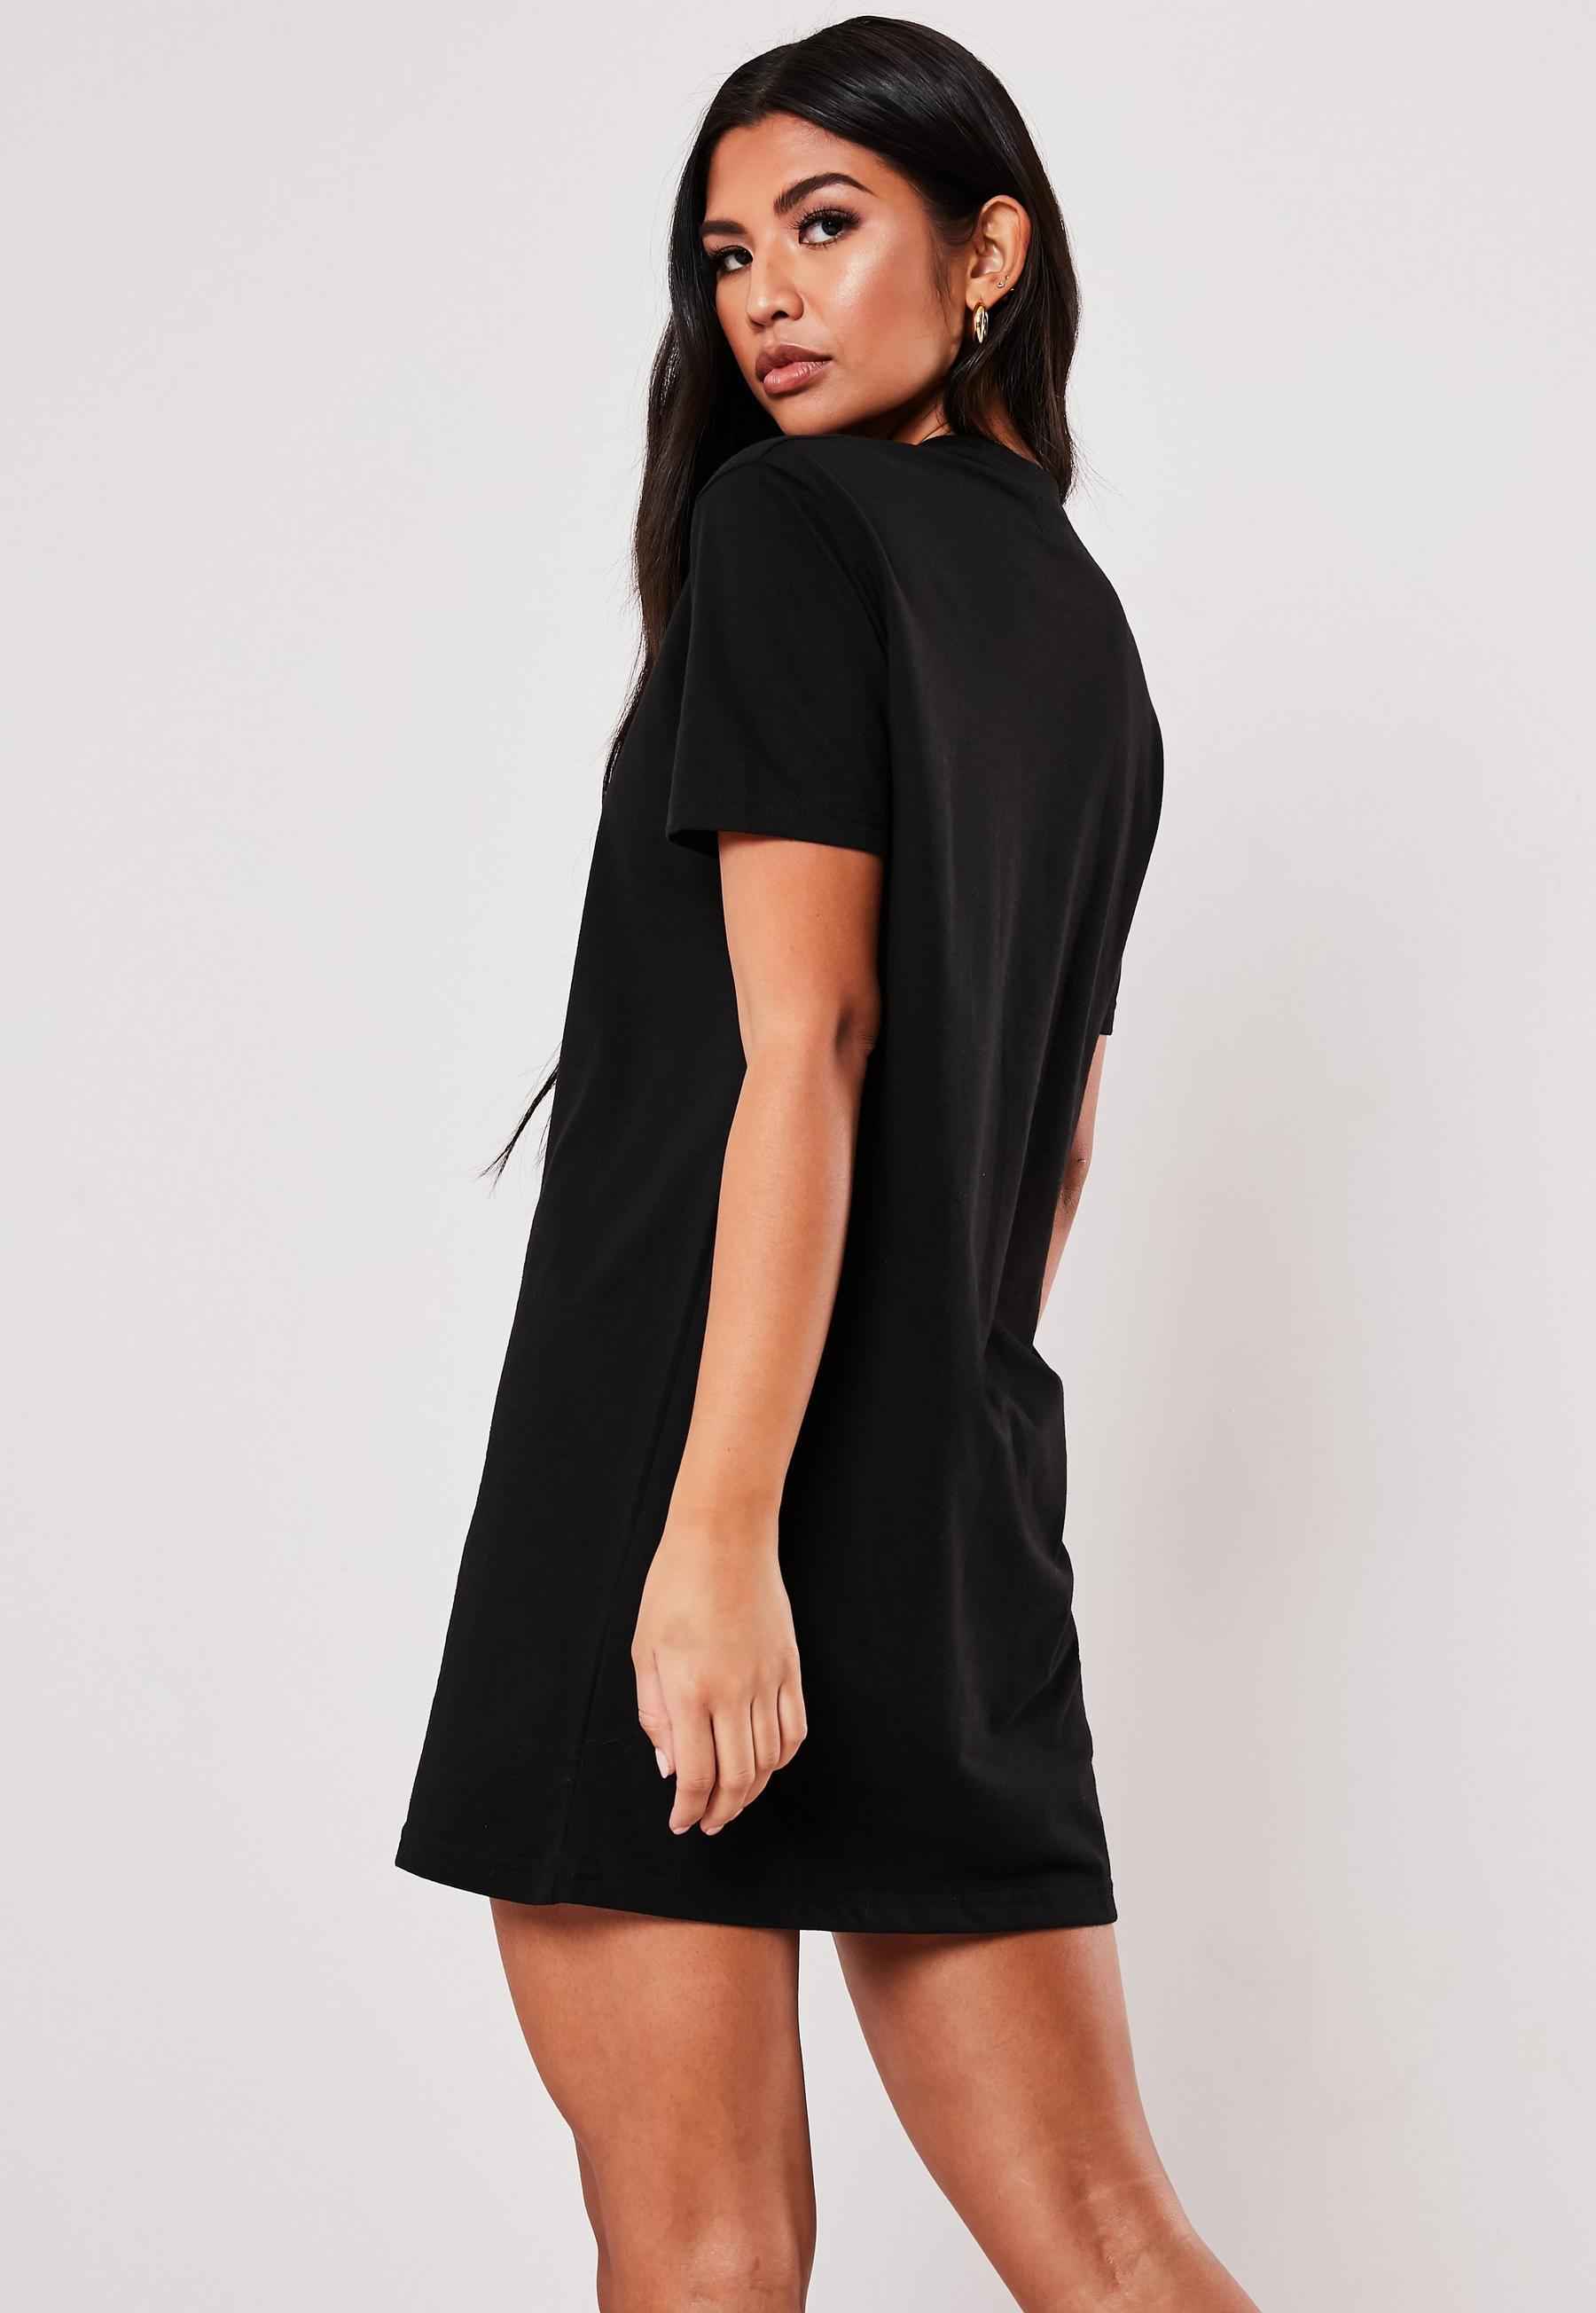 Petite Black Basic T Shirt Dress